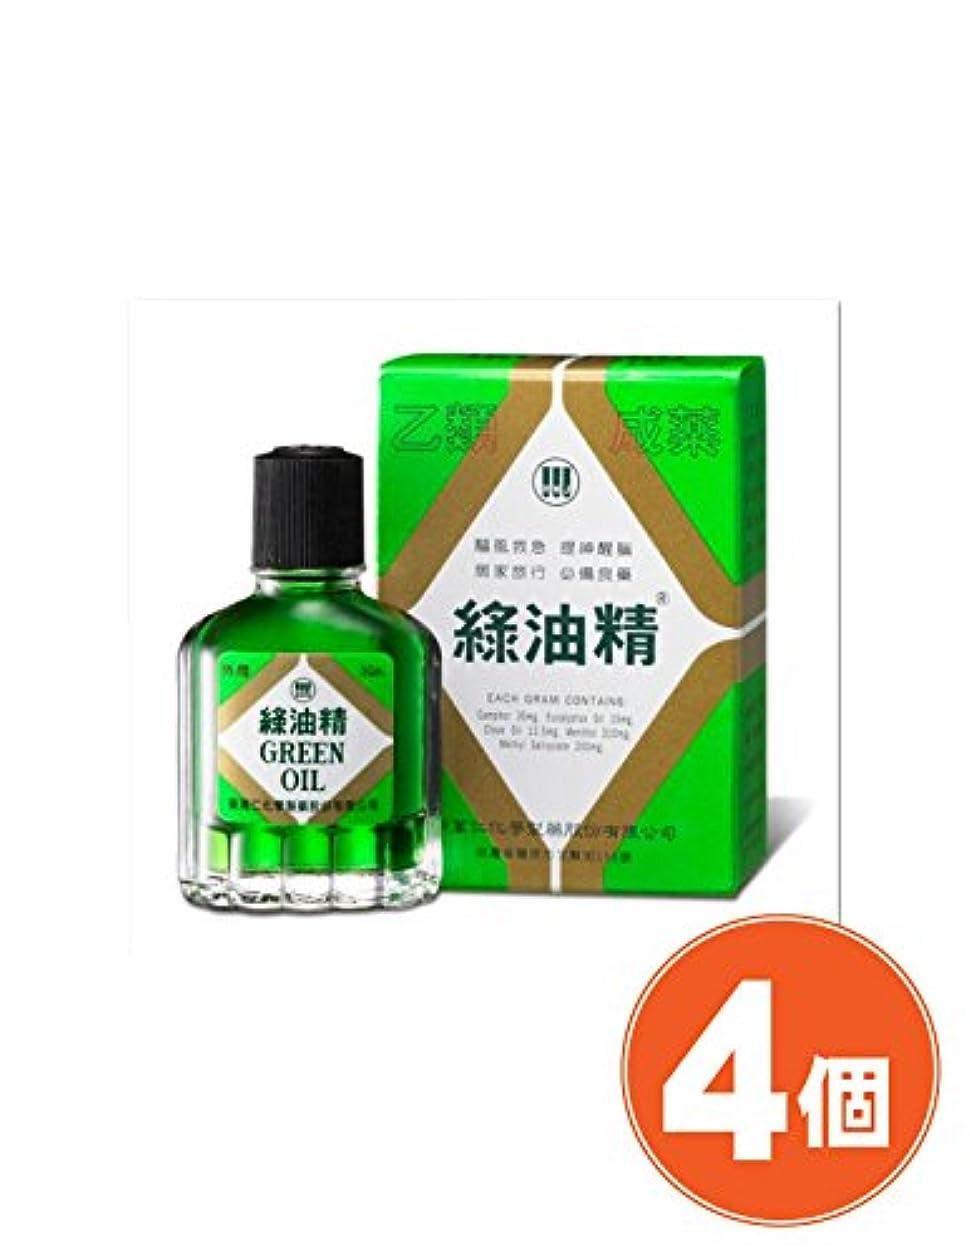 戦士印象嫌がる《新萬仁》台湾の万能グリーンオイル 緑油精 3g ×4個 《台湾 お土産》 [並行輸入品]